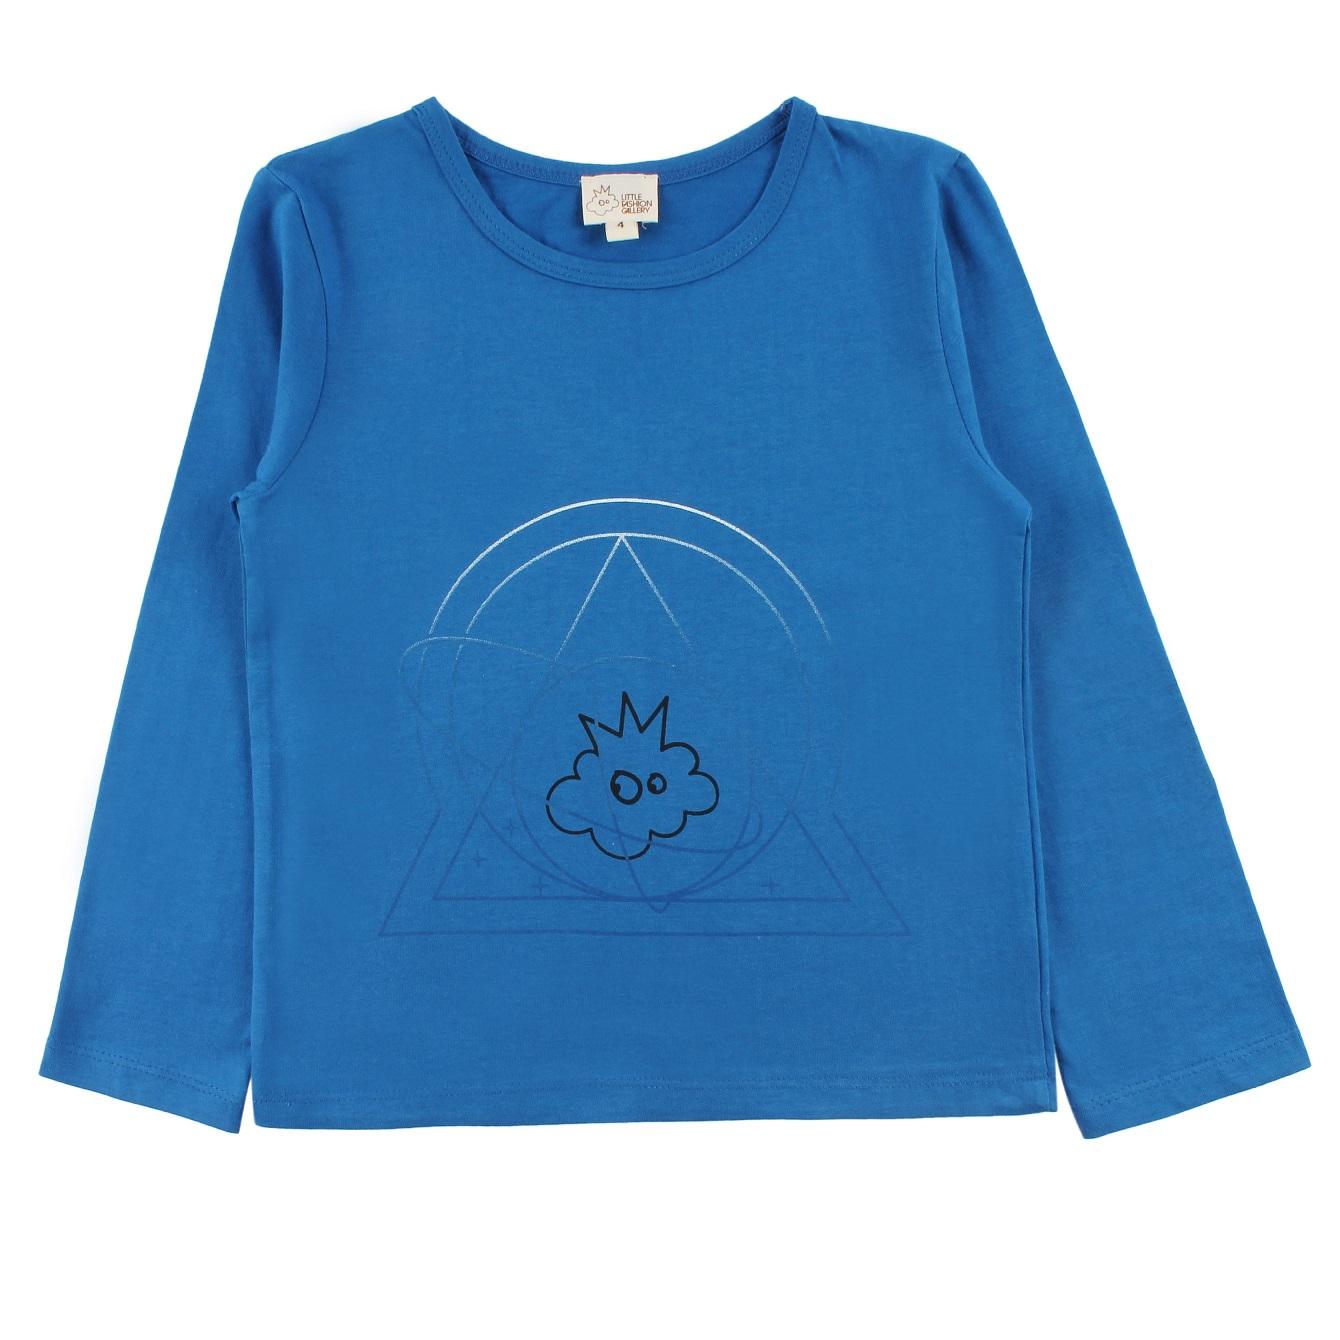 Une coupe, un logo, ça, vous ne le verrez sur personne d'autre dans la cour de récré (on parle bien sur du bien des enfants) 31€